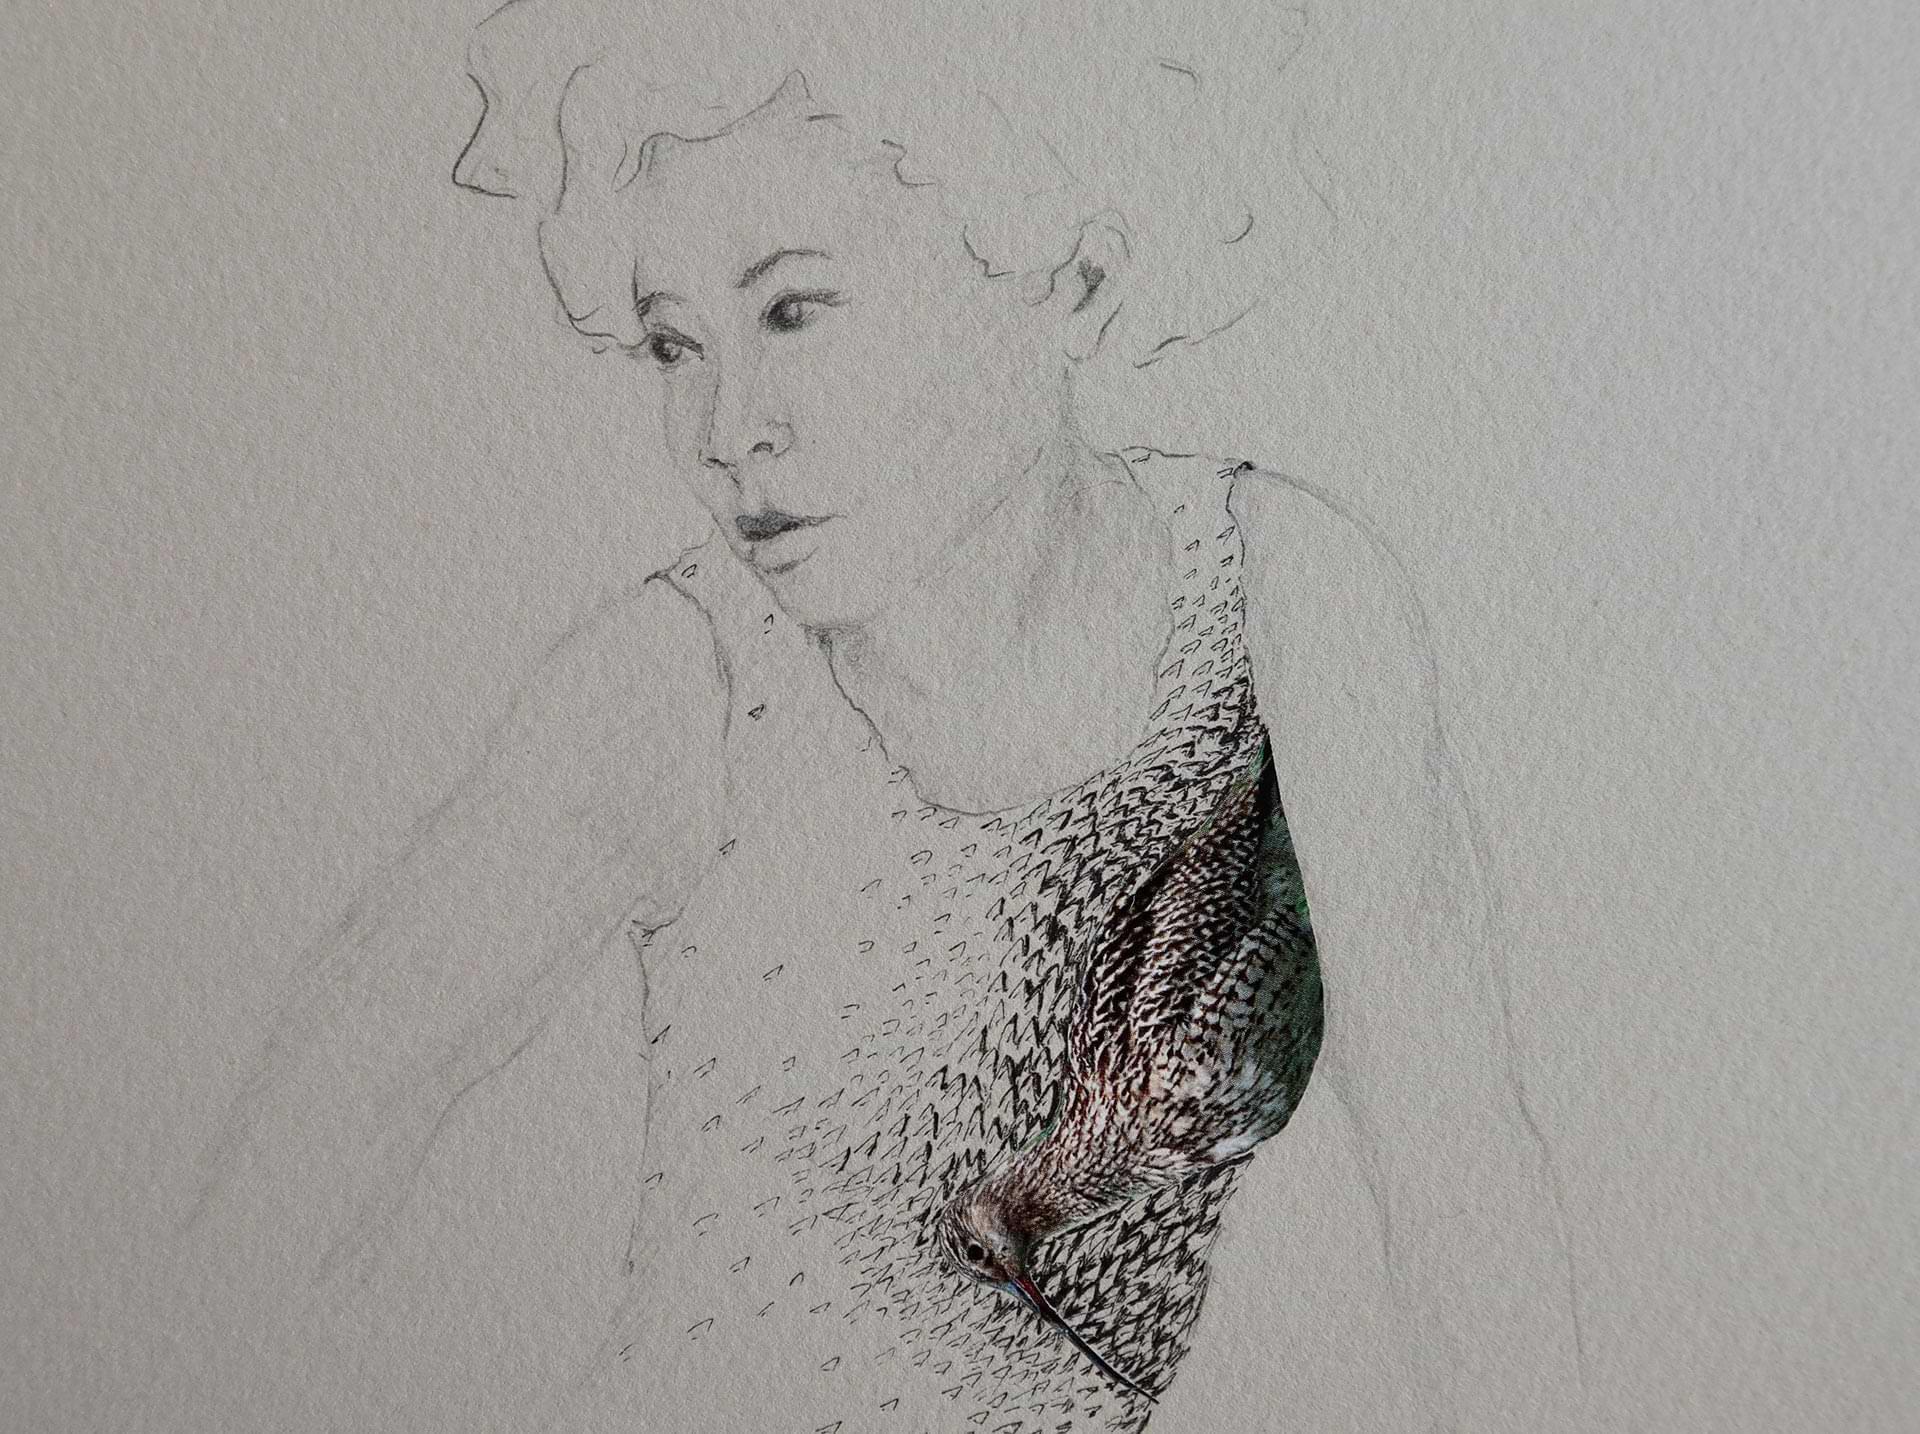 christianehaag-zeichnung-collage-drawing-birds-refugees-gefluechtete-art-20